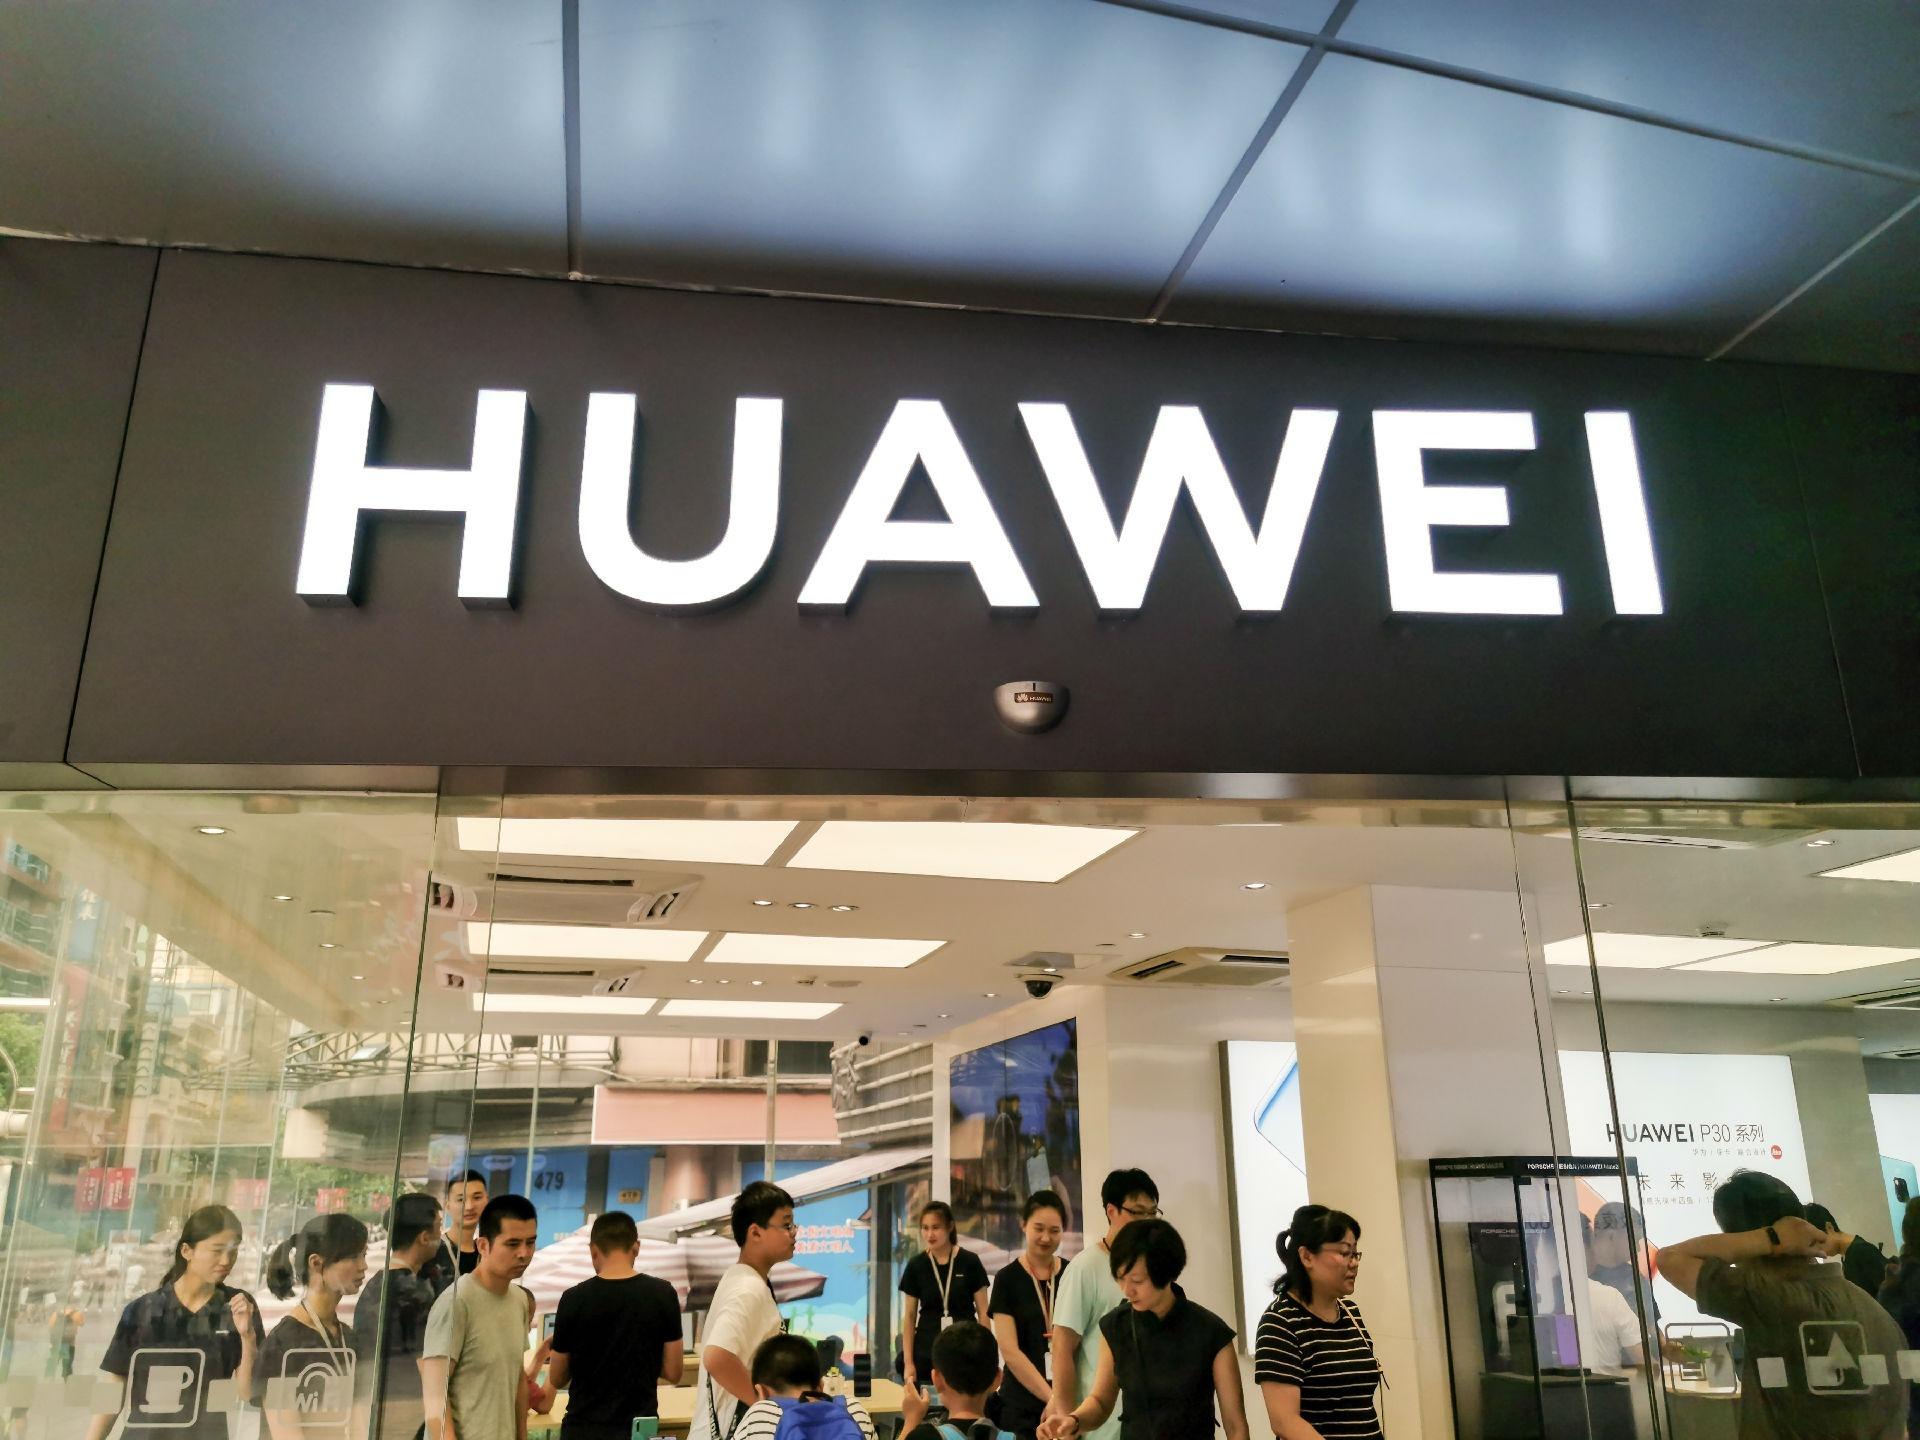 华为首款5G手机明日开卖,6G网络研究已启动